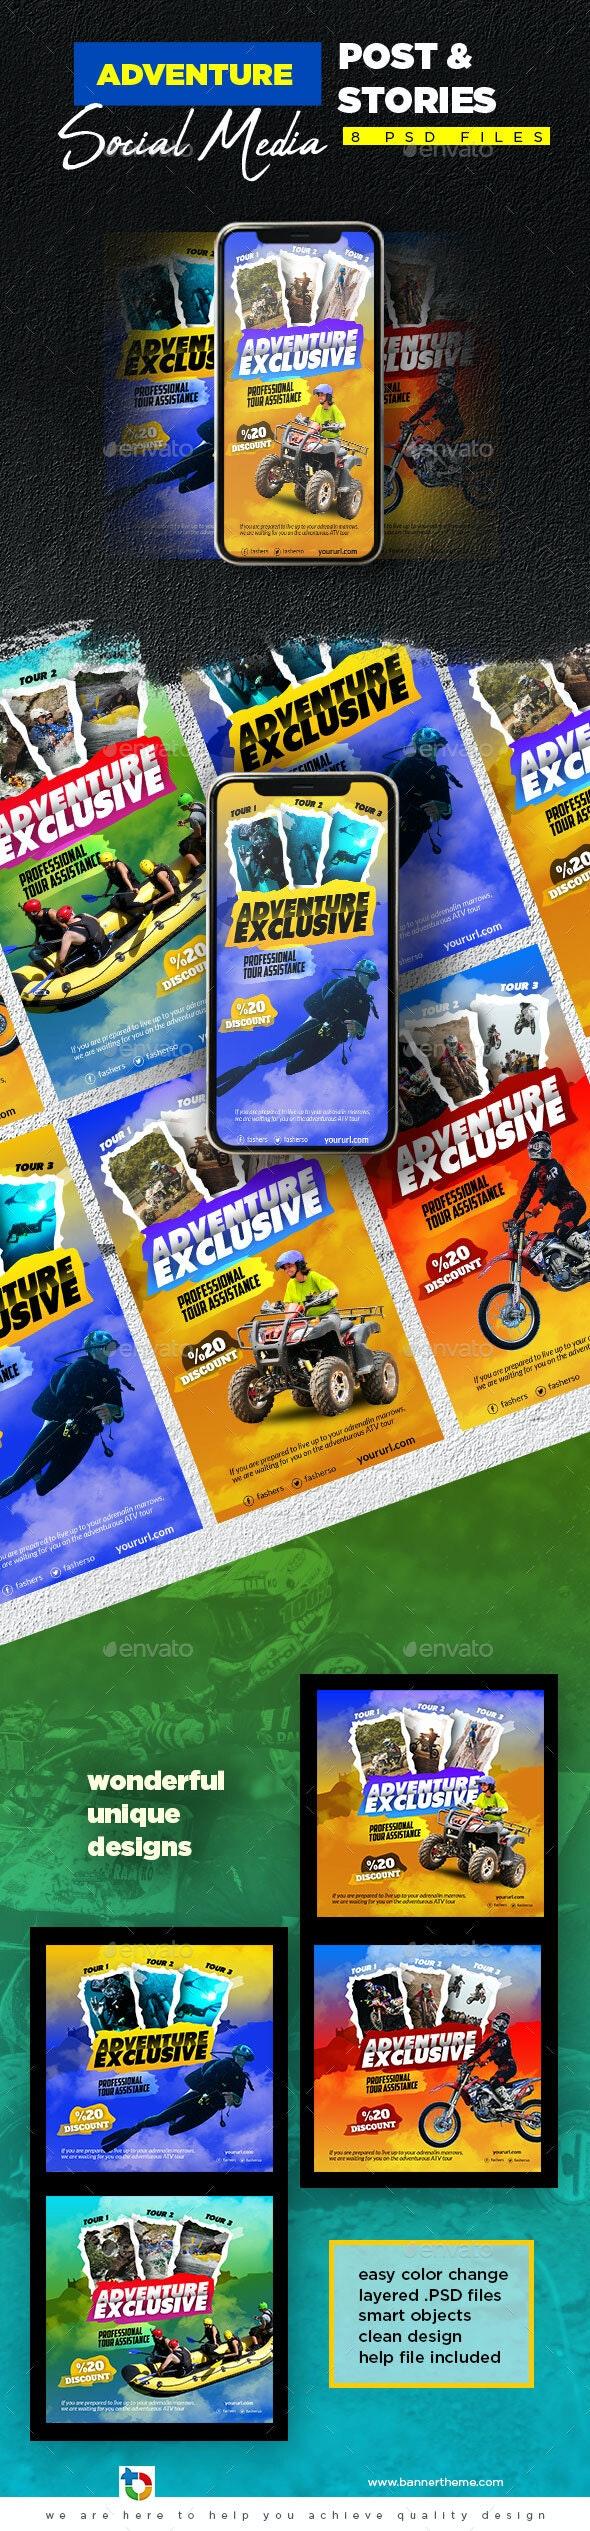 Adventure Social Media Post & Stories - Social Media Web Elements